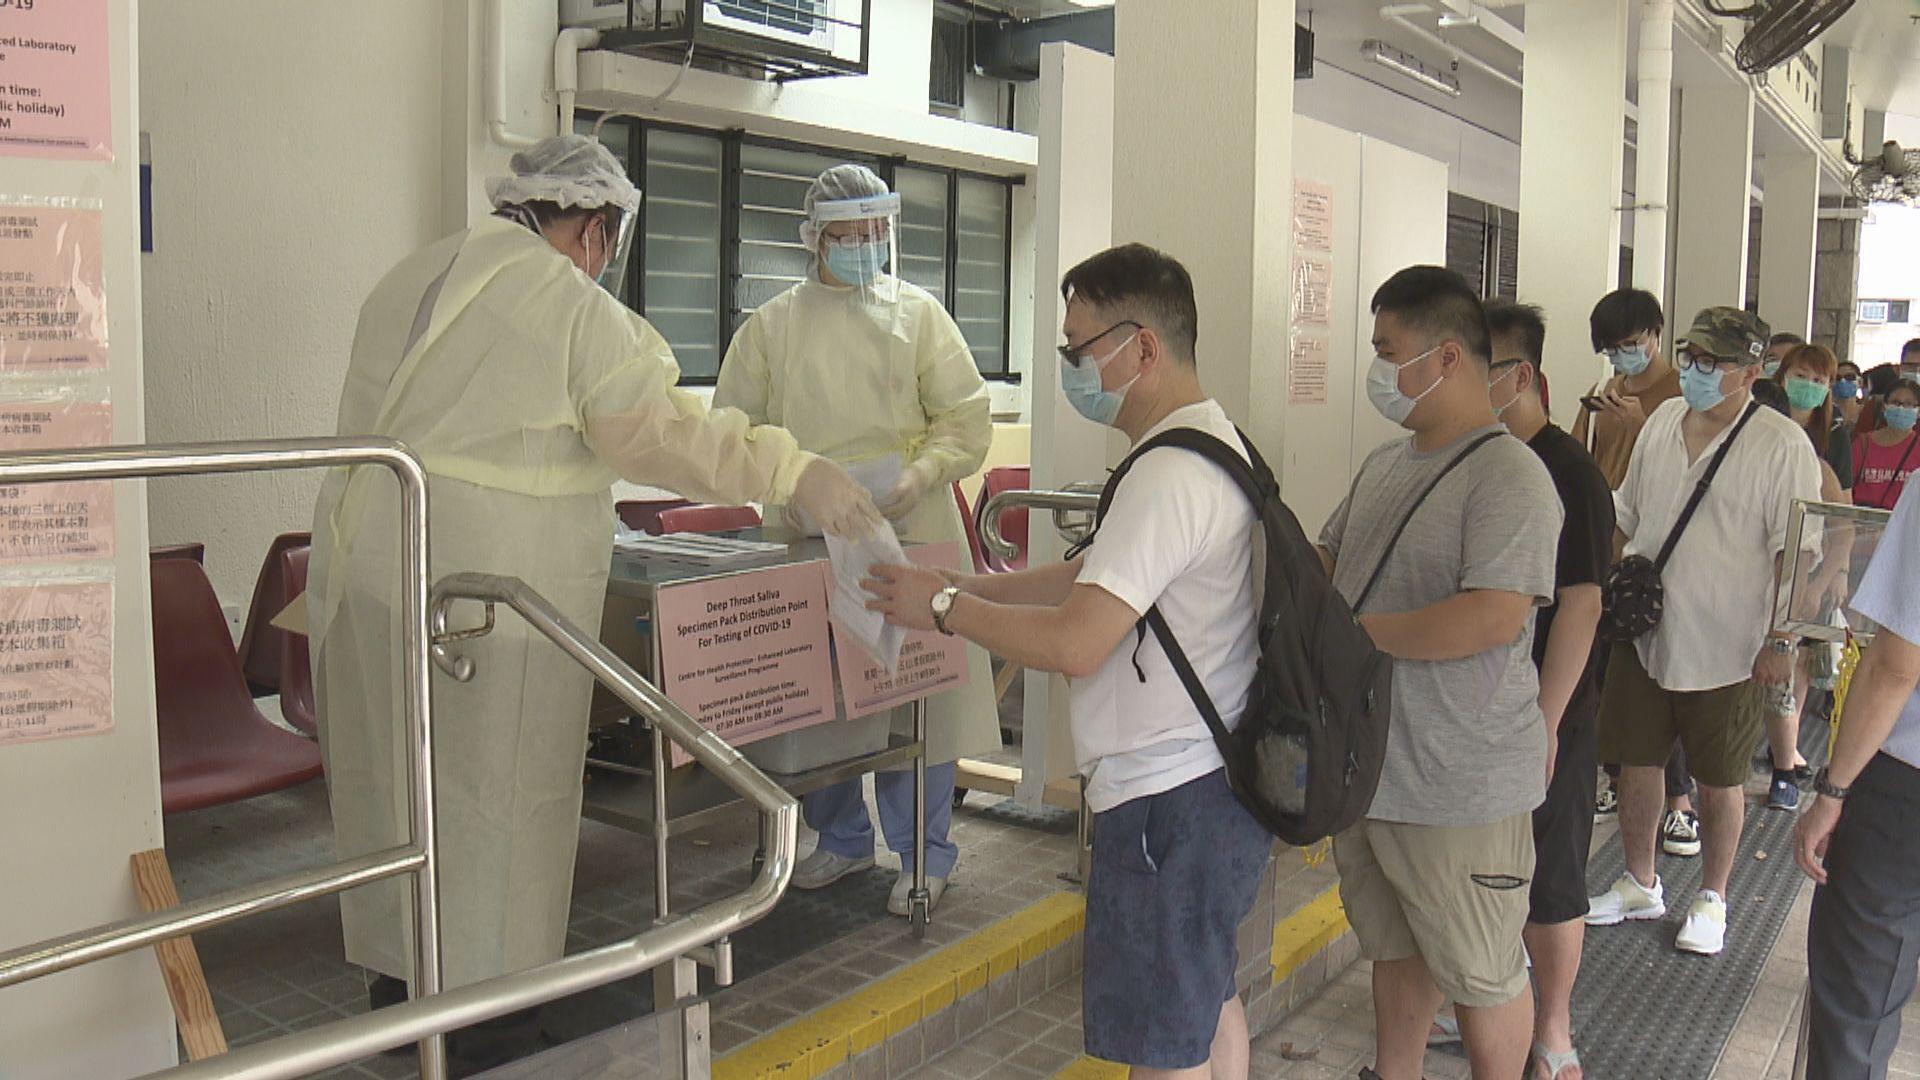 有外判化驗商未能48小時內提供結果 醫管局指已敦促